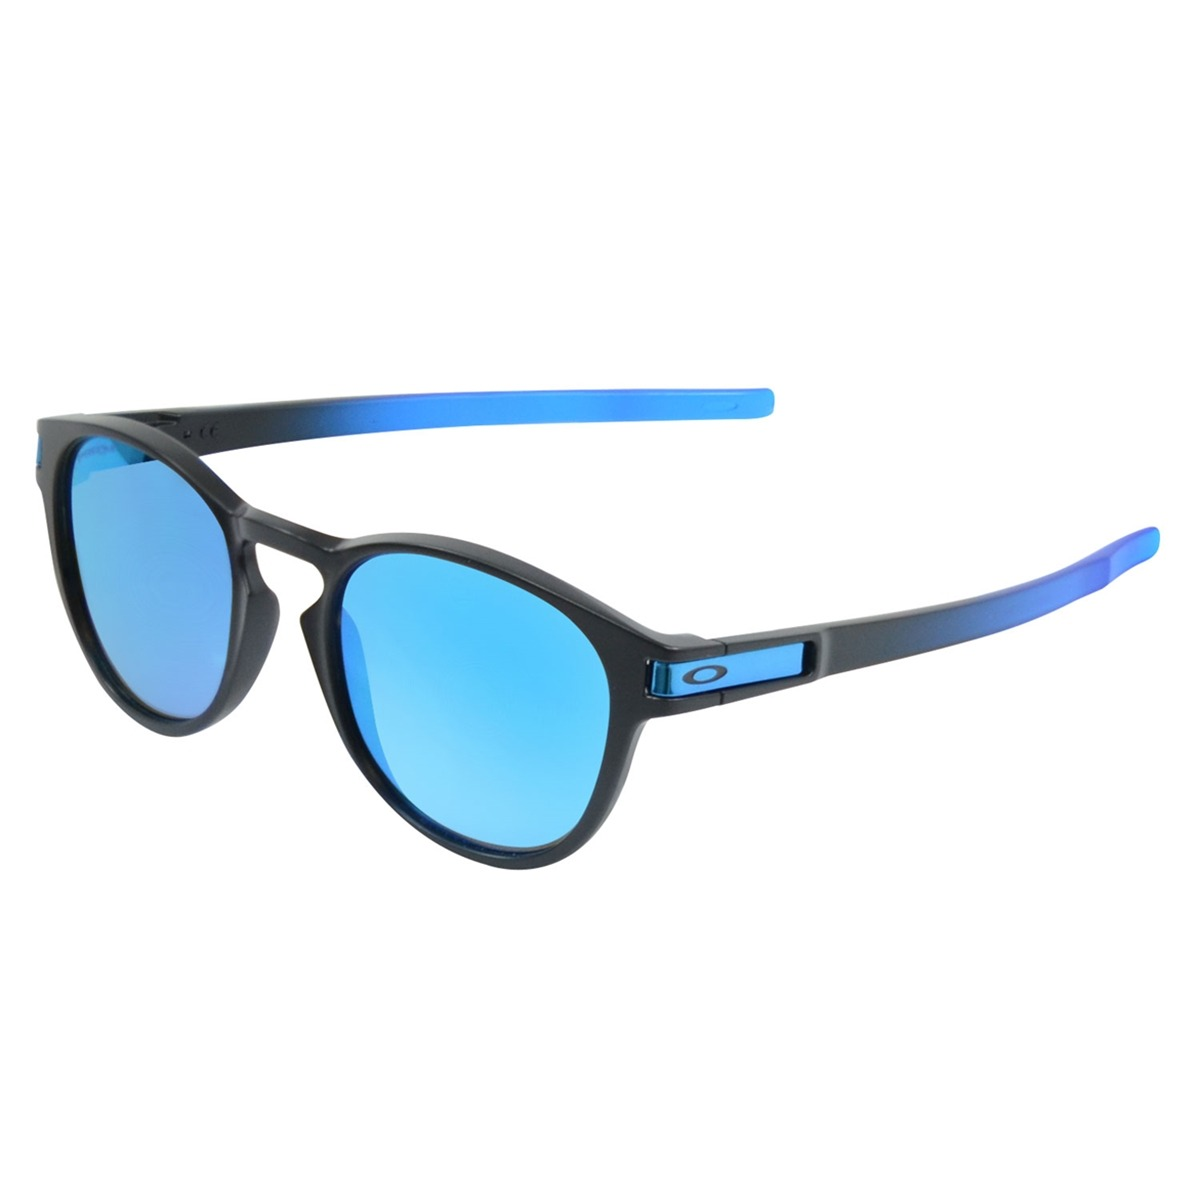 52af16b11d800 óculos oakley latch prizm espelhado preto l azul. Carregando zoom.